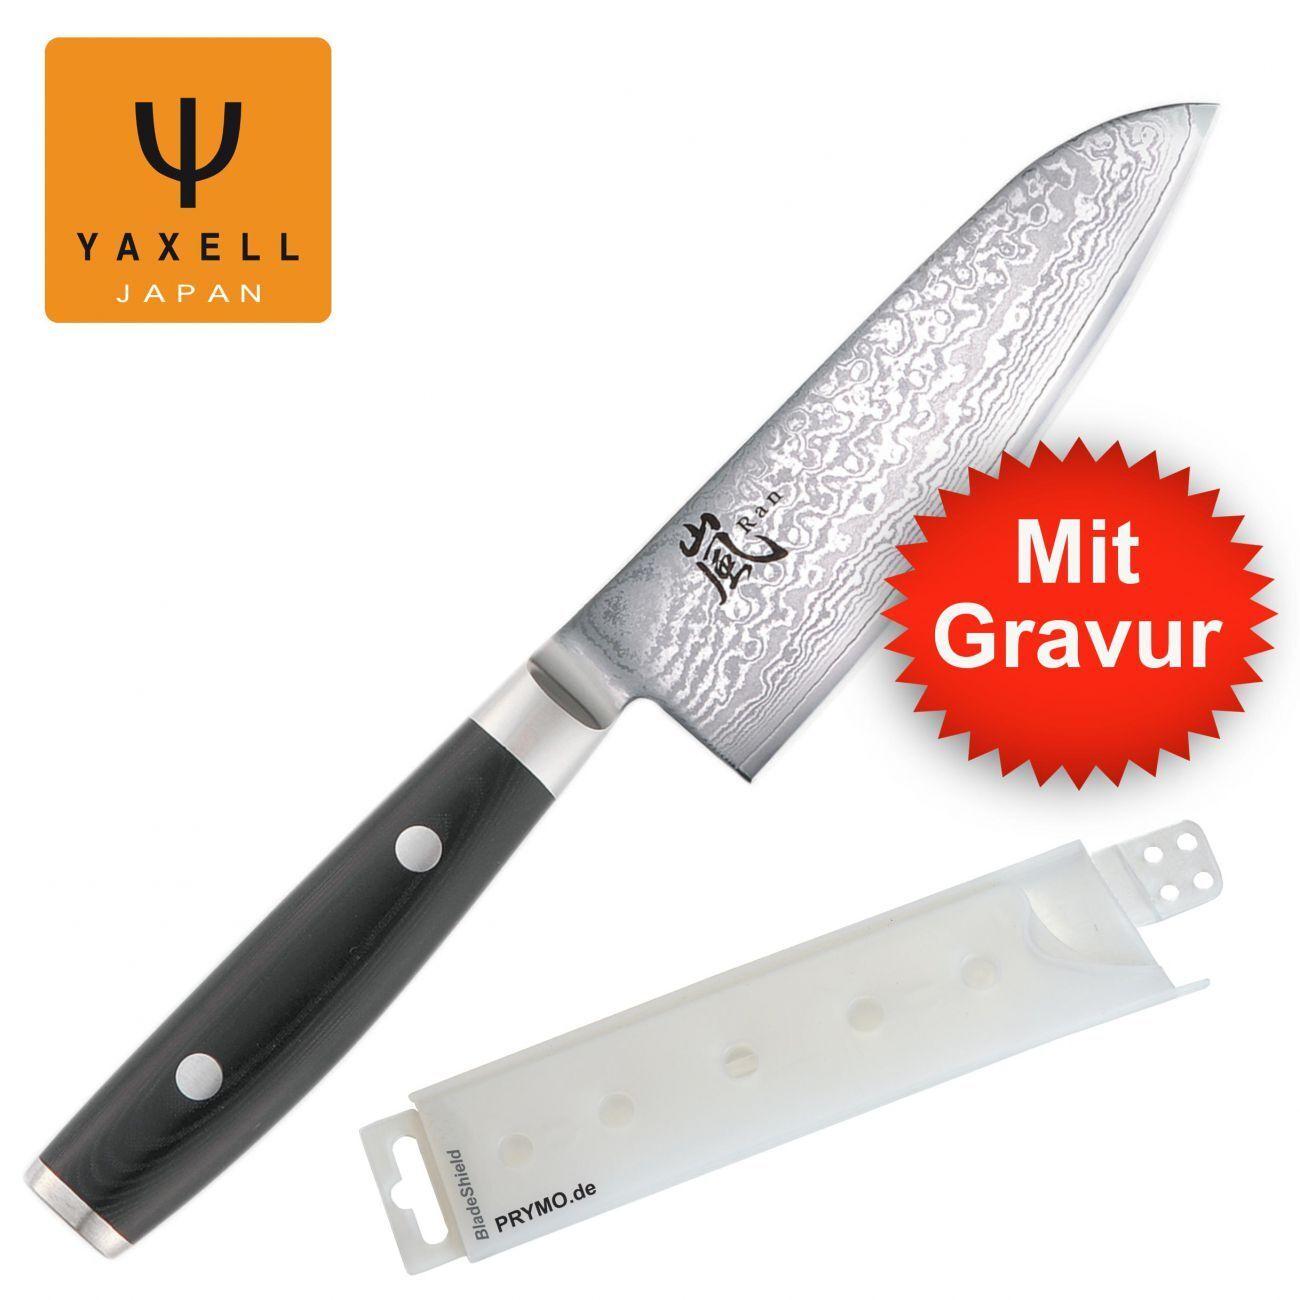 Mit Gravur - Yaxell RAN 69 Santokumesser 12,5 cm + PRYMO ® Klingenschutz